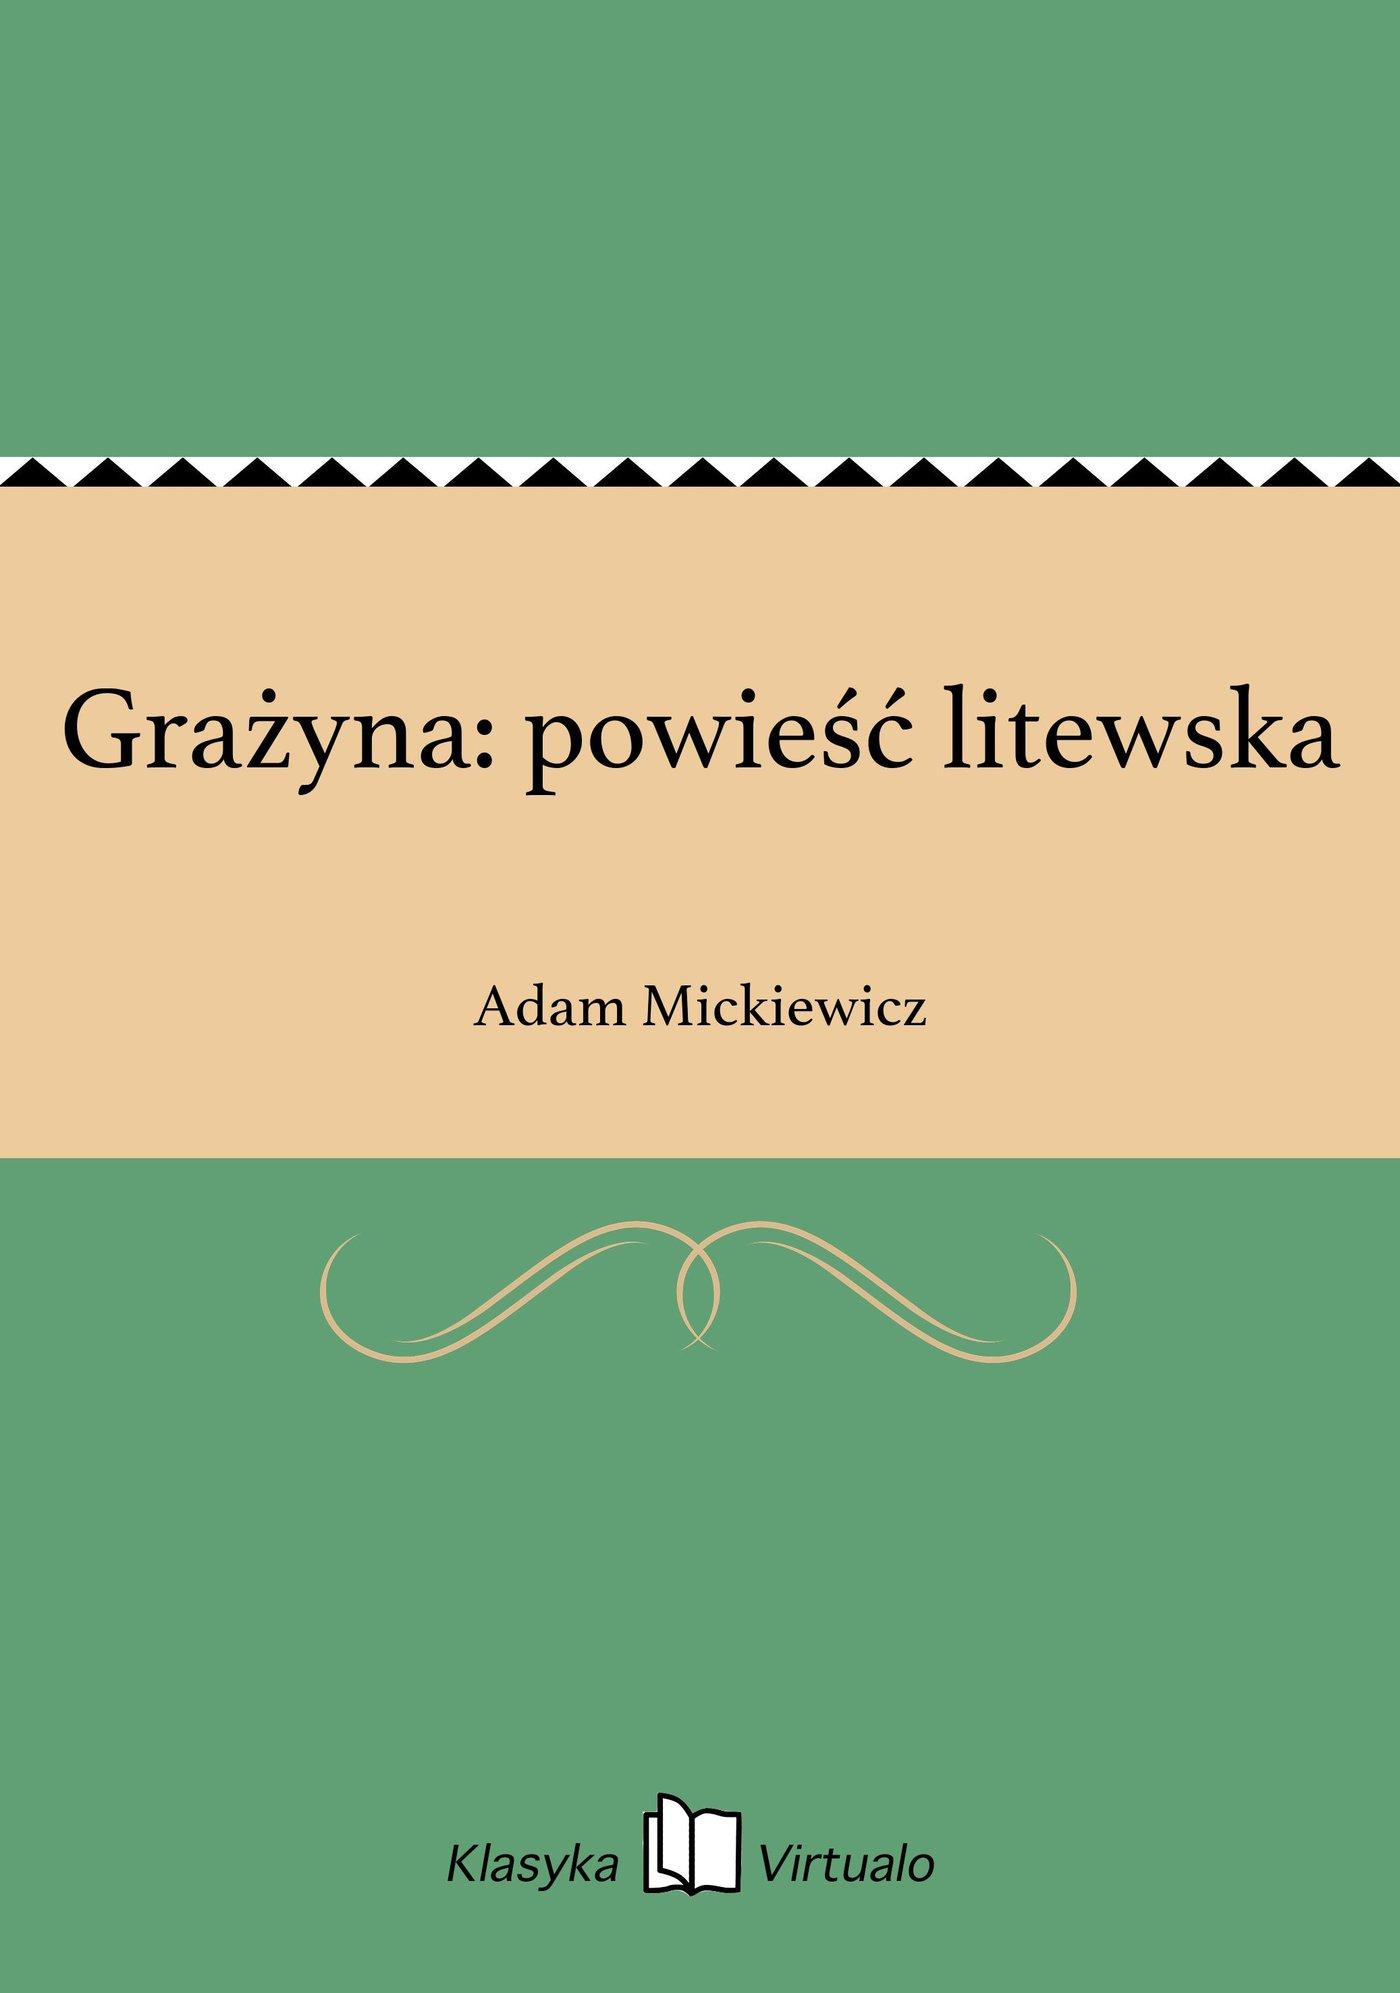 Grażyna: powieść litewska - Ebook (Książka EPUB) do pobrania w formacie EPUB